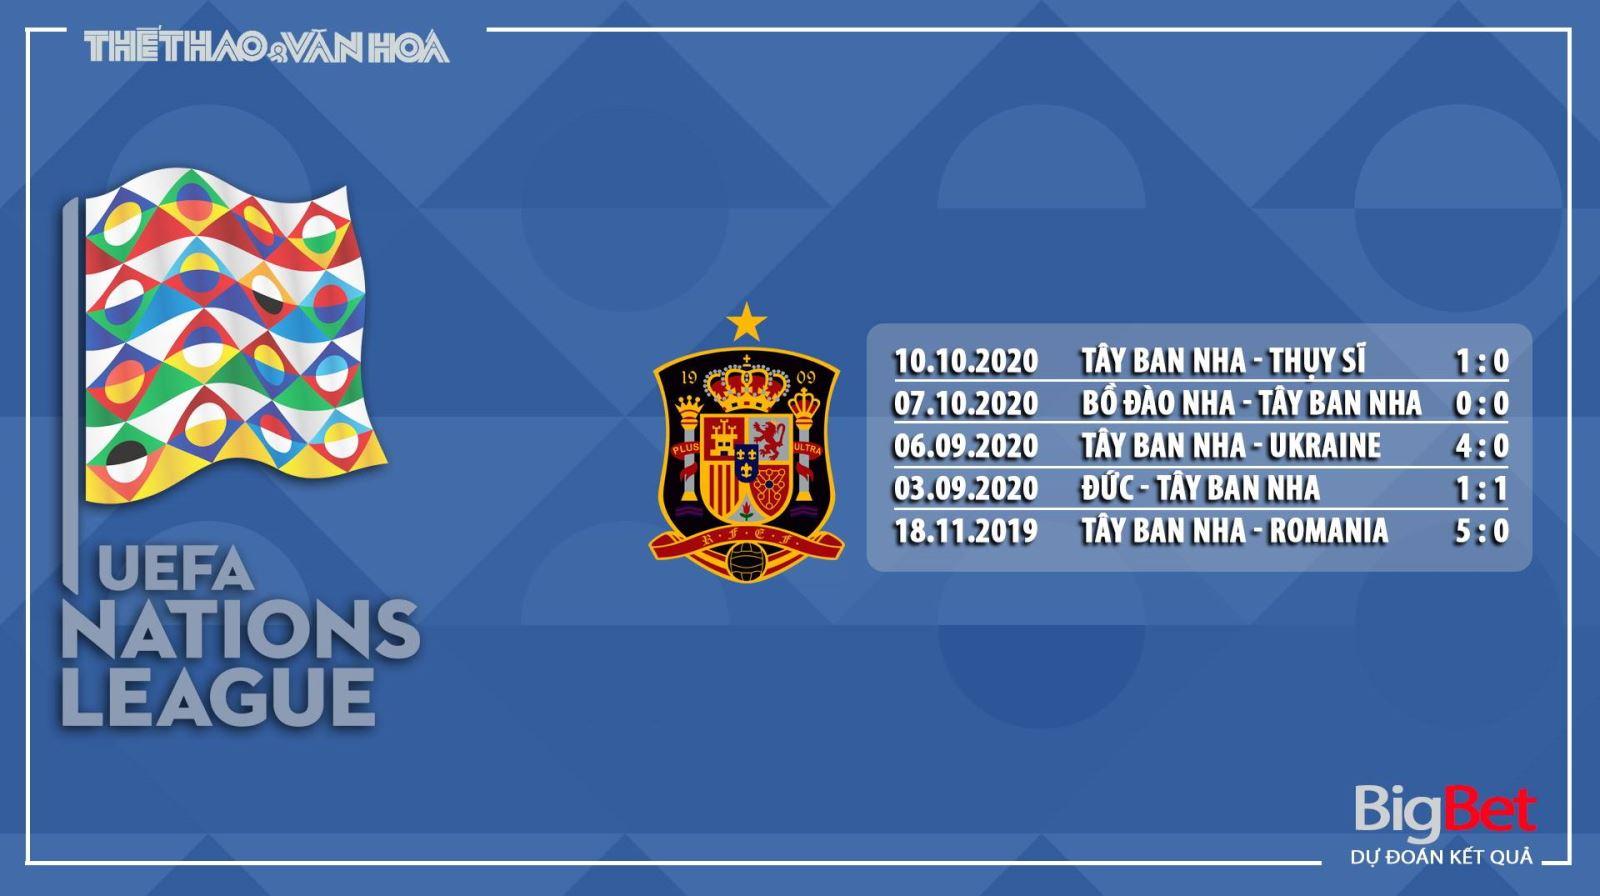 Ukraine vs Tây Ban Nha, soi kèo Ukraine vs Tây Ban Nha, nhận định Ukraine vs Tây Ban Nha, dự đoán Ukraine vs Tây Ban Nha, trực tiếp Ukraine vs Tây Ban Nha, UEFA Nations League